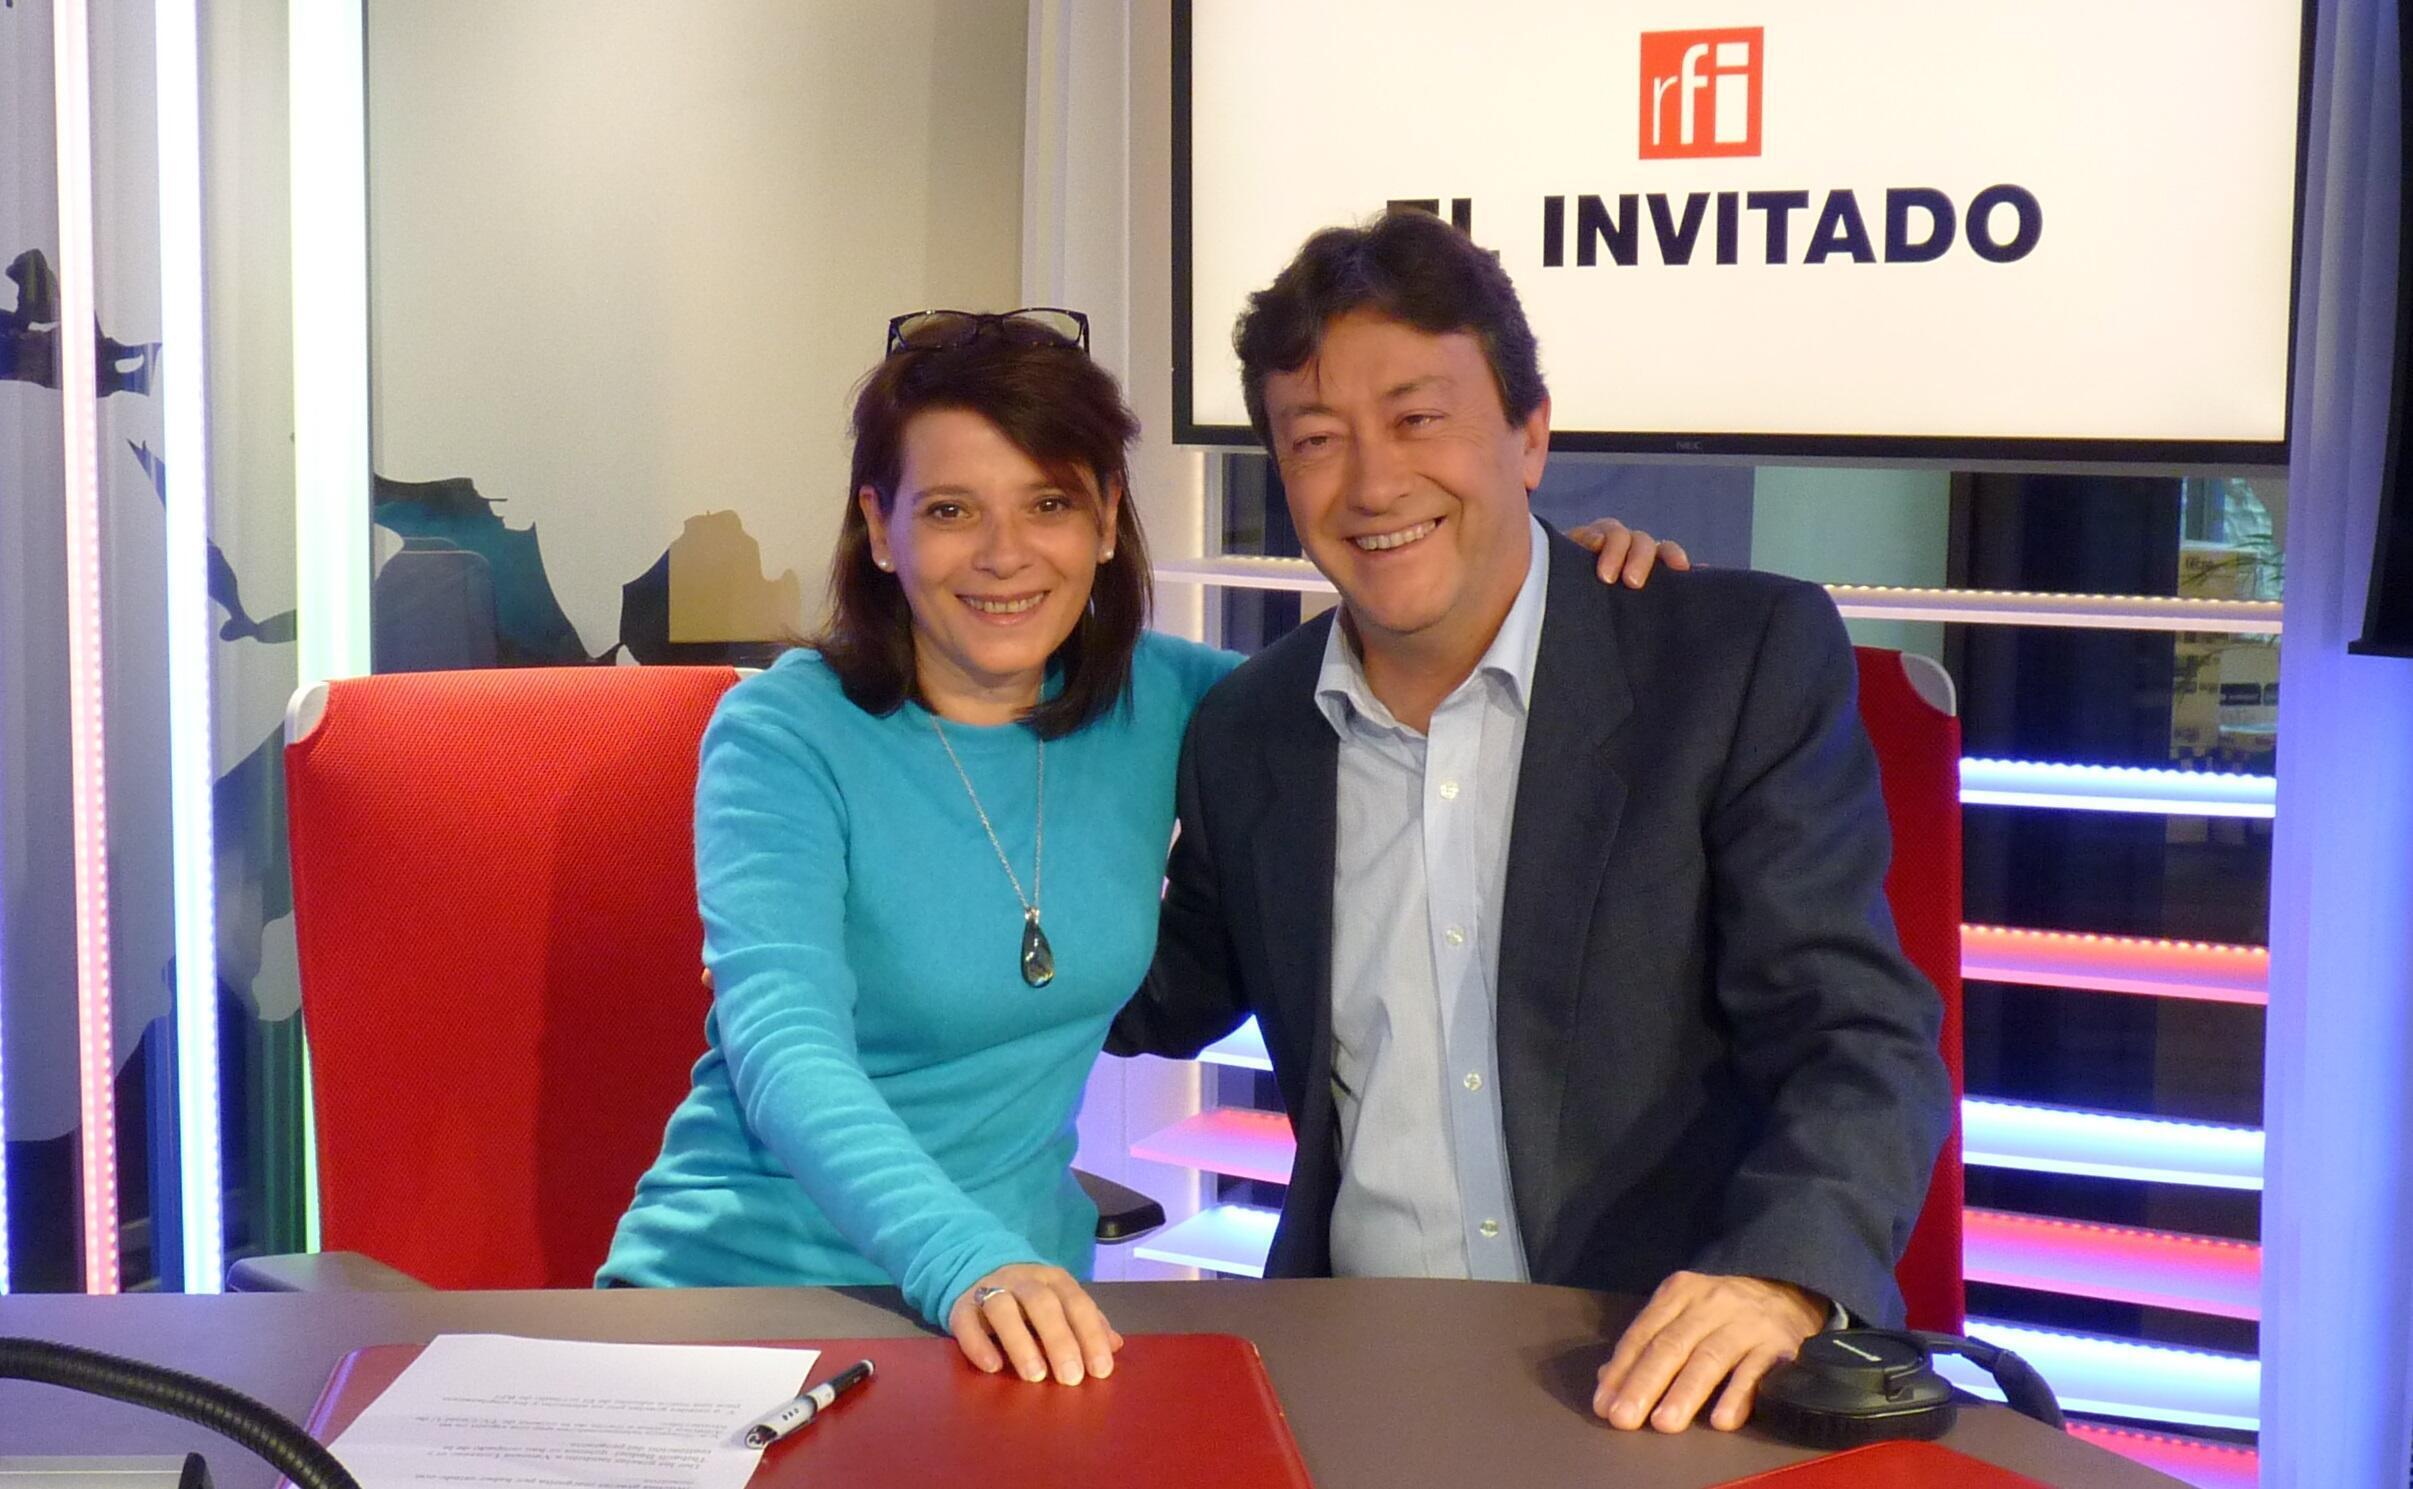 Margarita Saas y Jordi Batallé en el estudio 151 de RFI